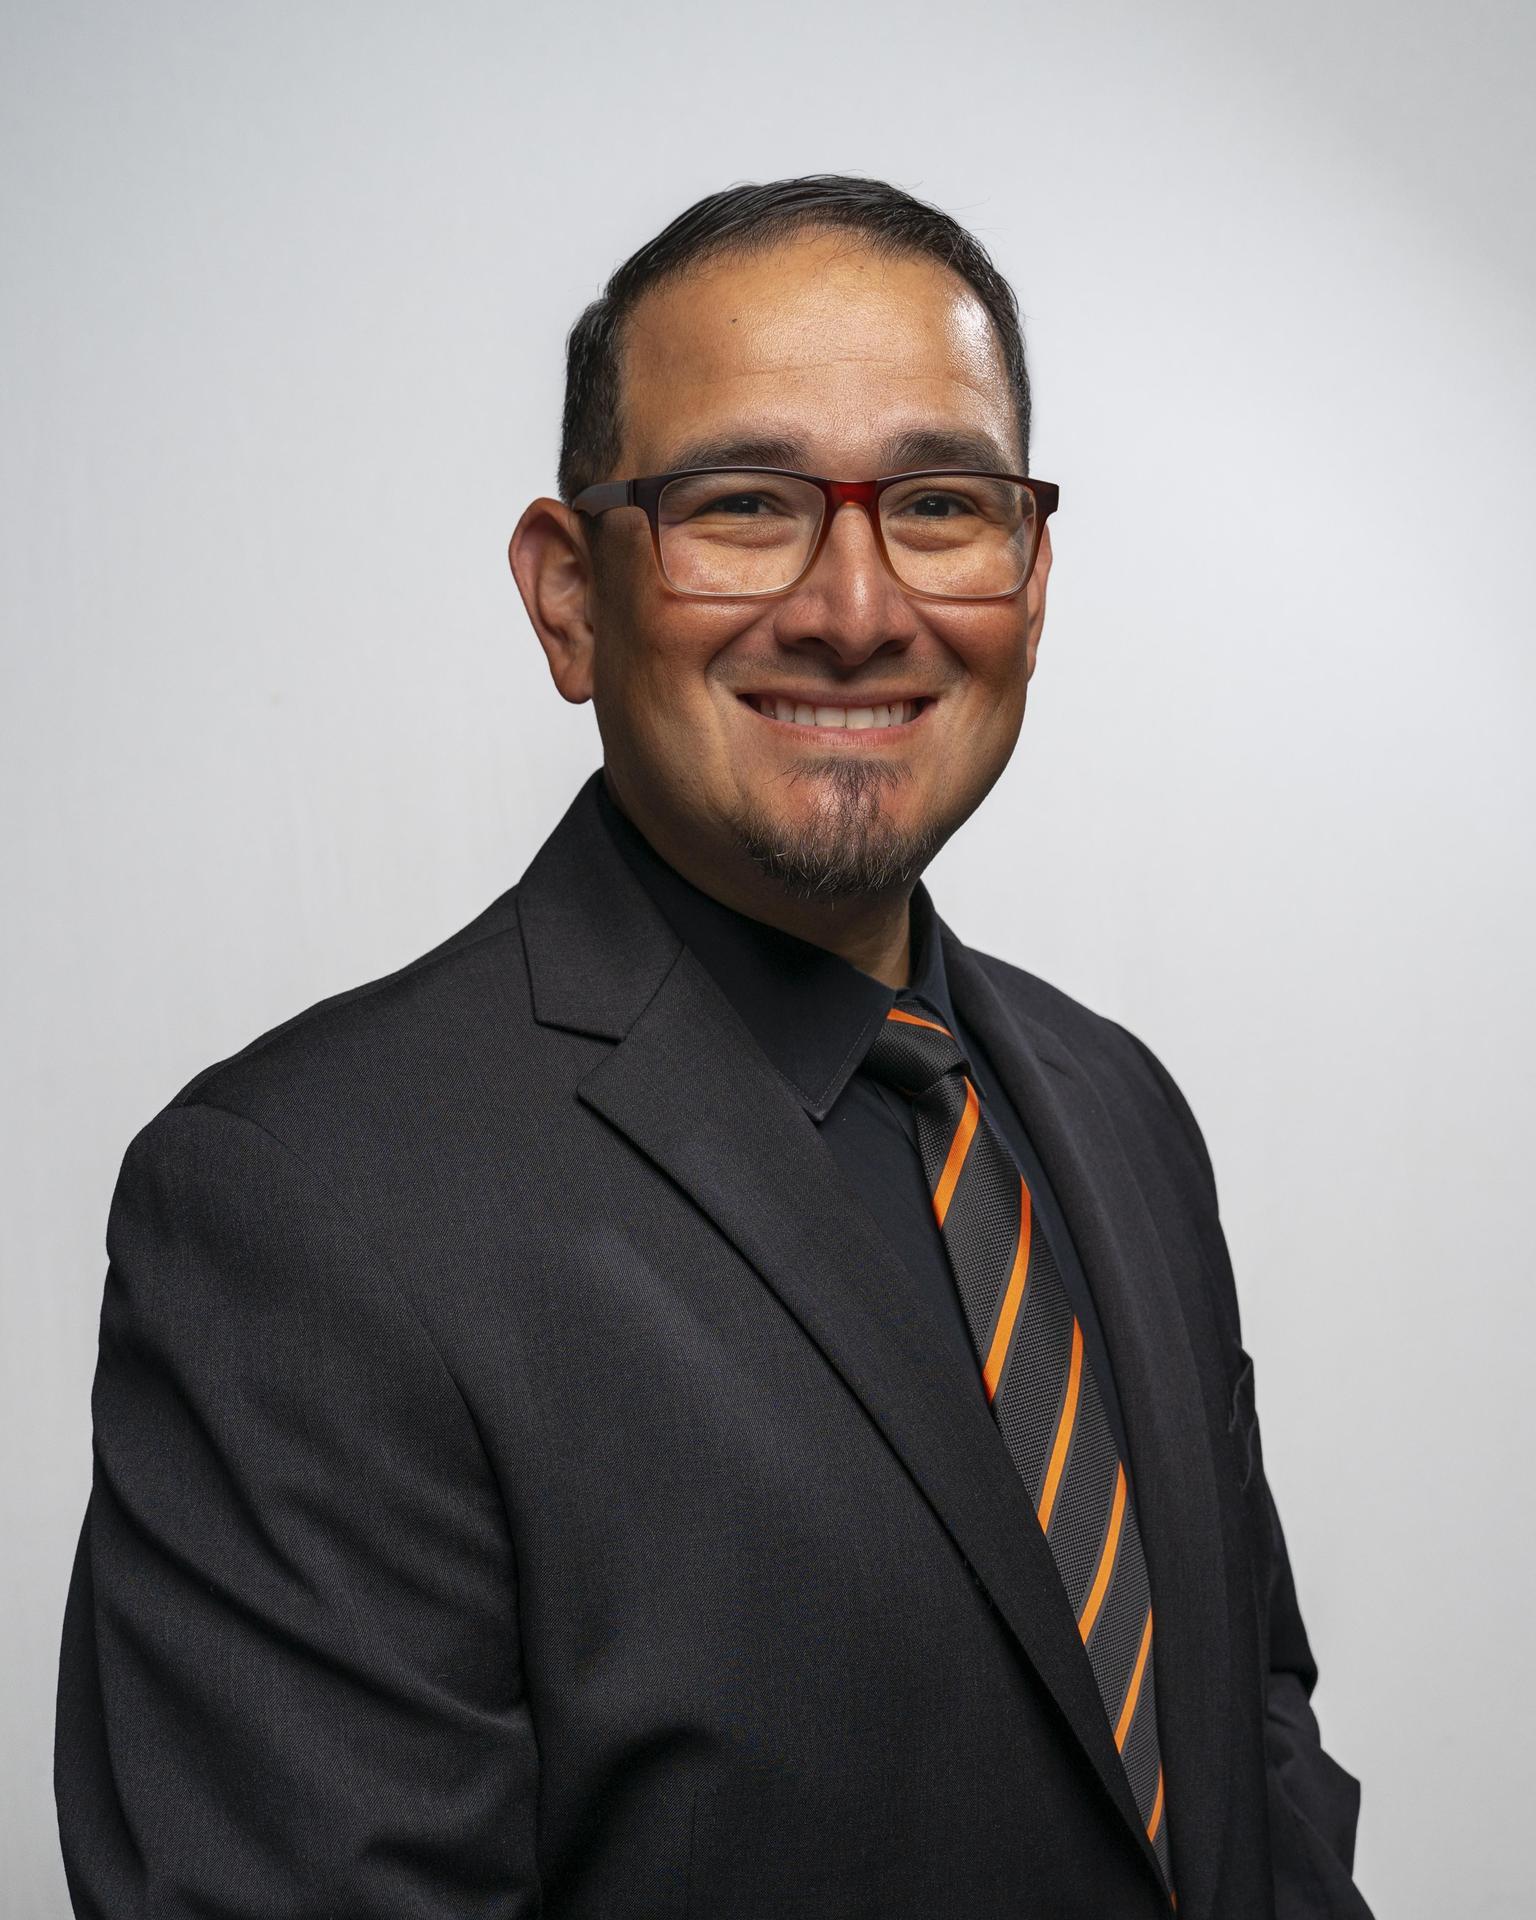 Juan Rodriguez, Director of Fine Arts